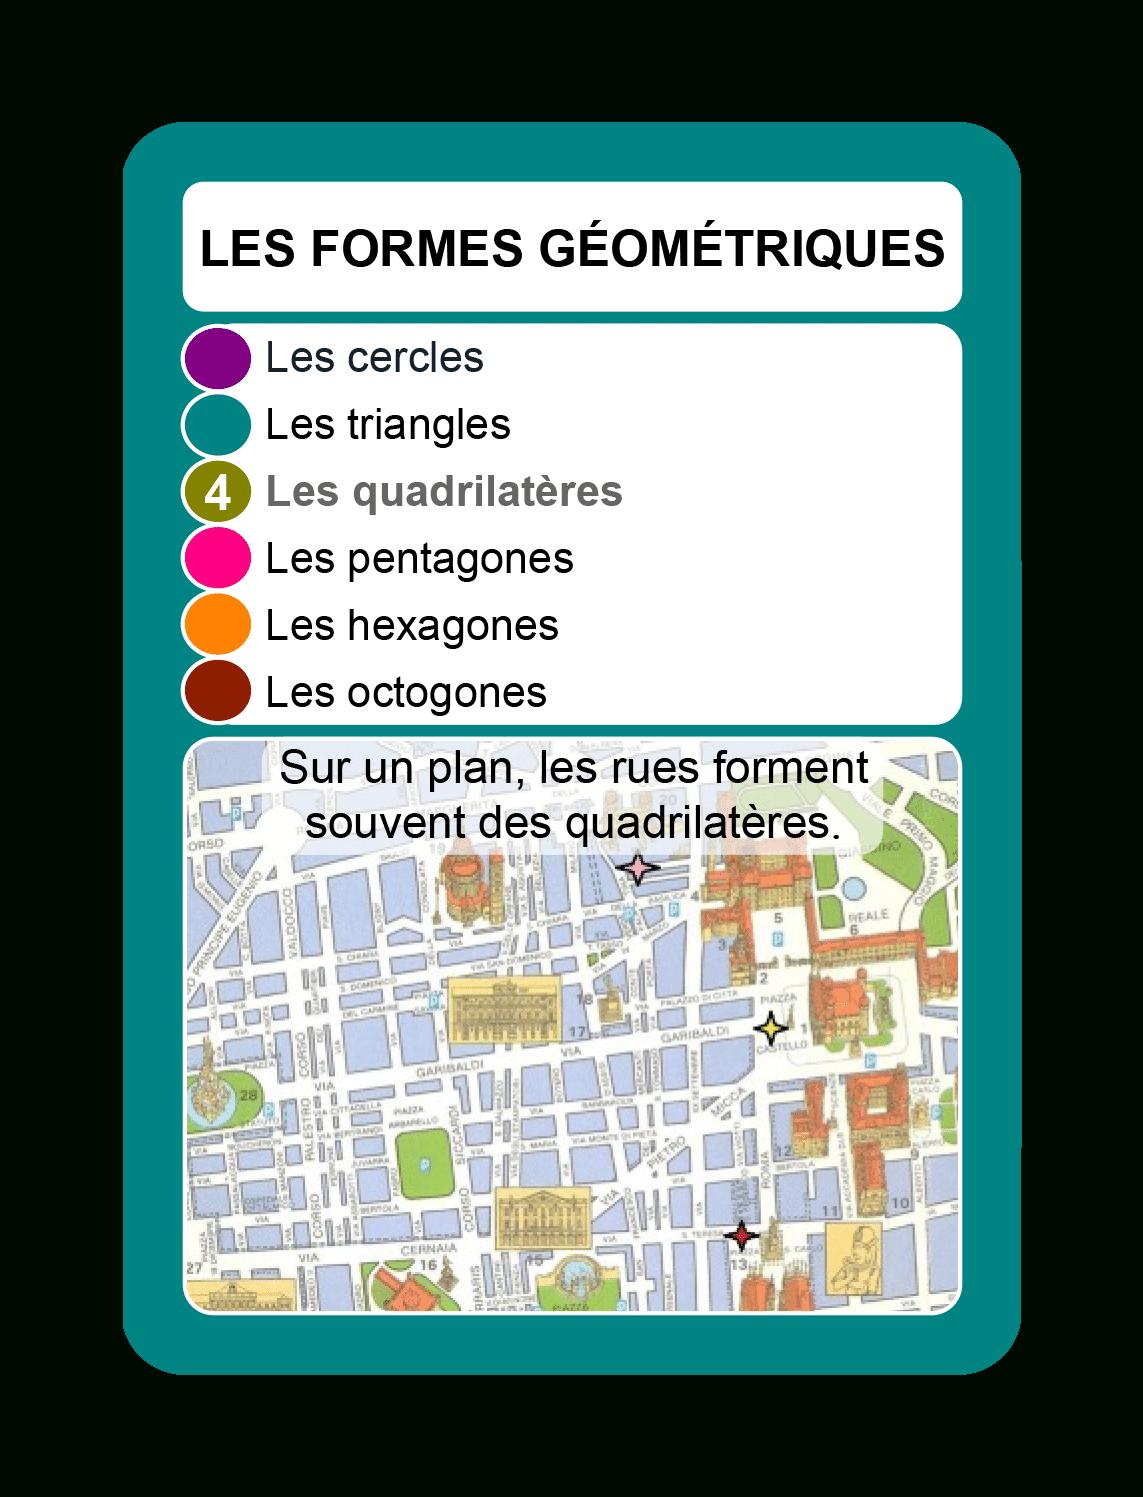 Famille Des Formes Géométriques à Les Formes Geometrique